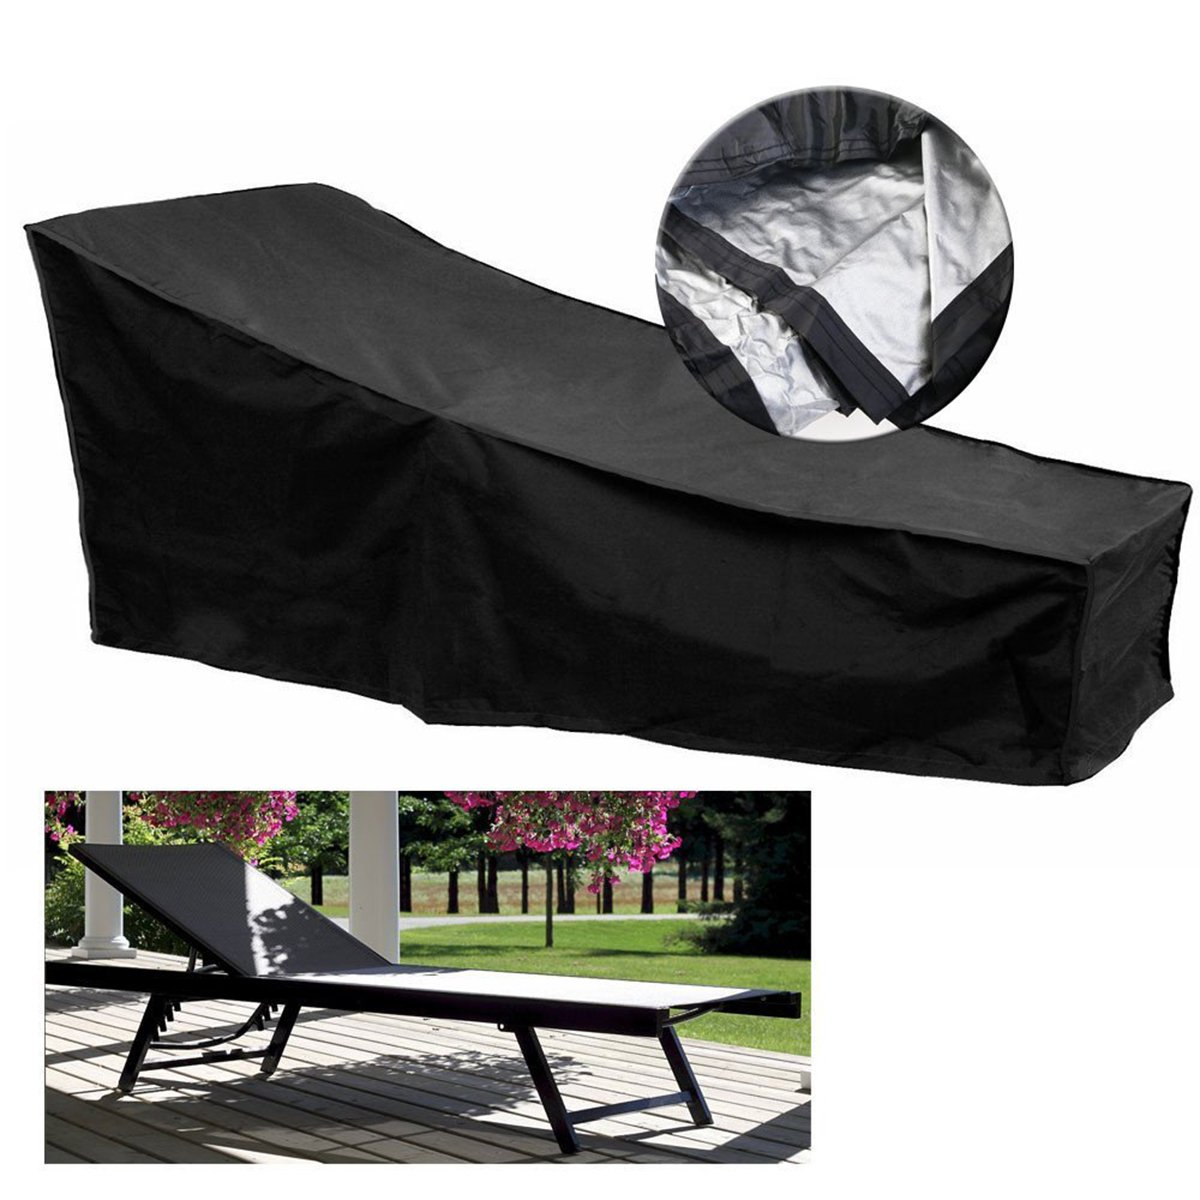 dDanke copertura per mobili da giardino esterno sdraio pieghevole patio copertura impermeabile chaise lounge cover 210*75*40cm (nero)